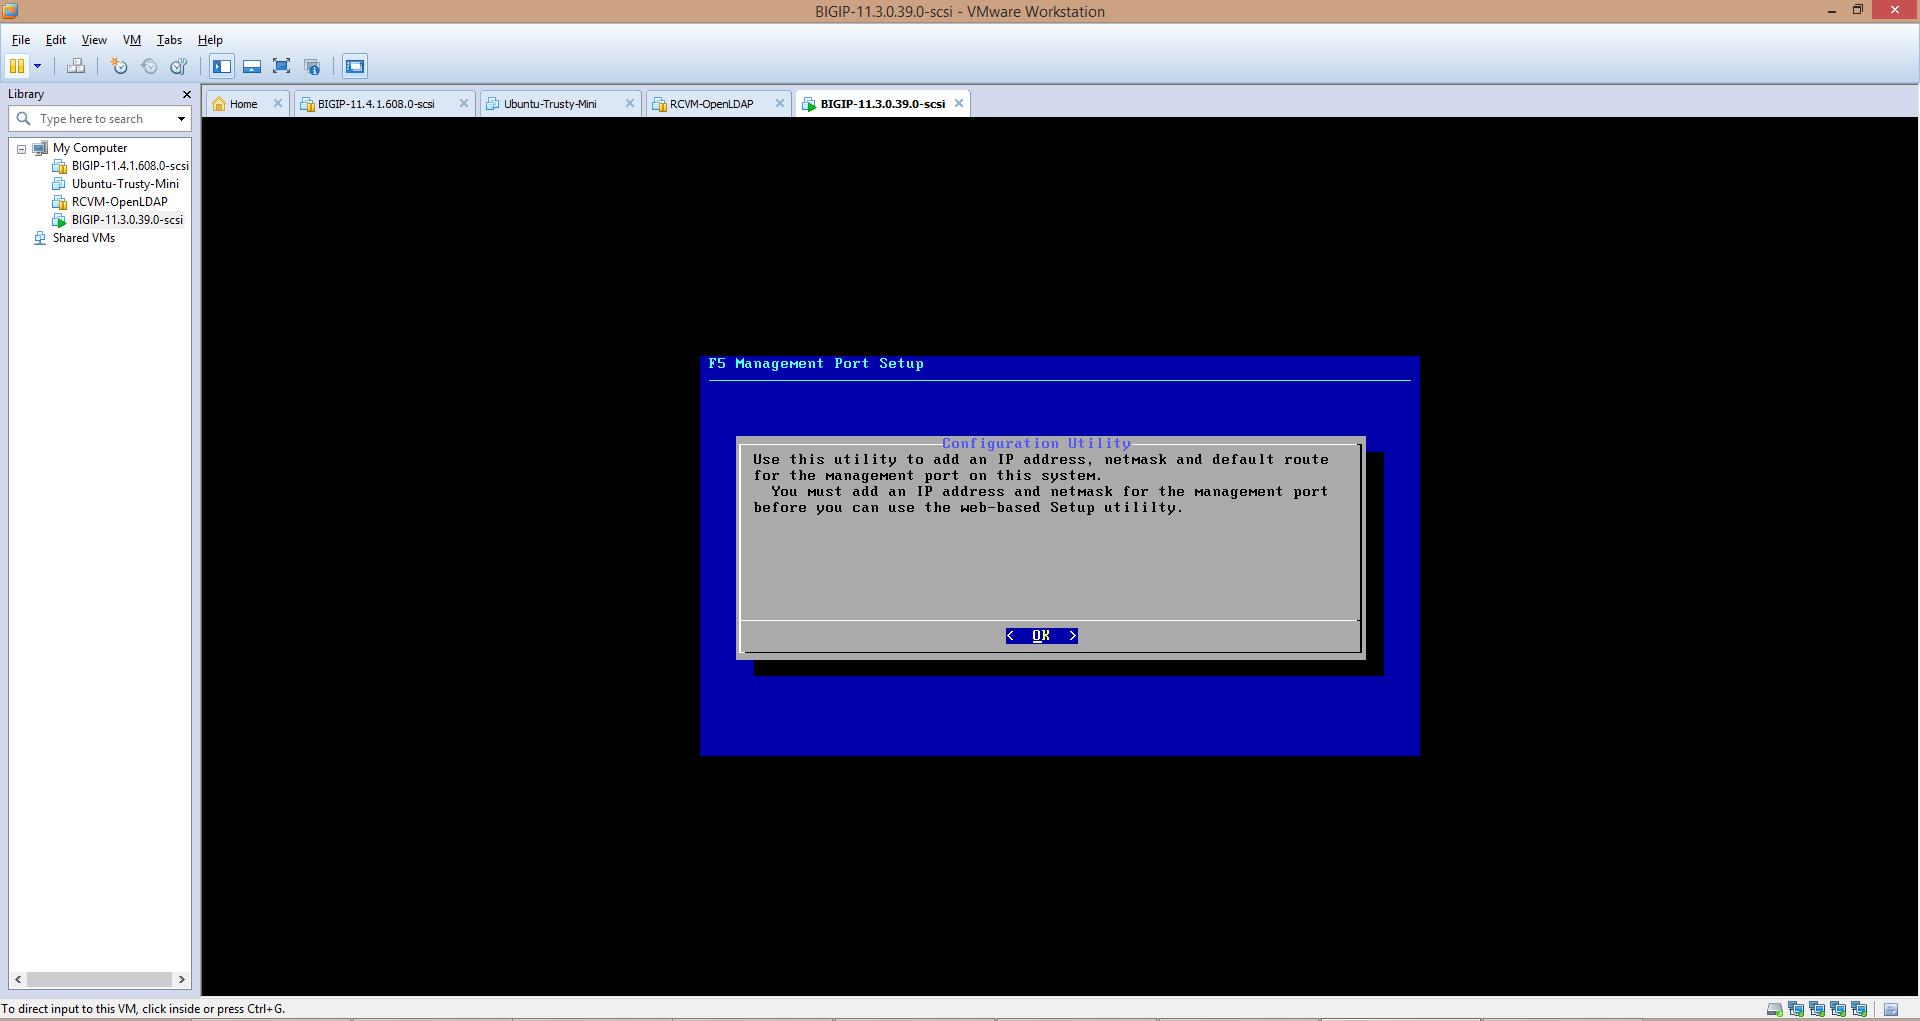 Setting up BIG-IP LTM VE 11 3 0 Trial on VMware workstation | blog